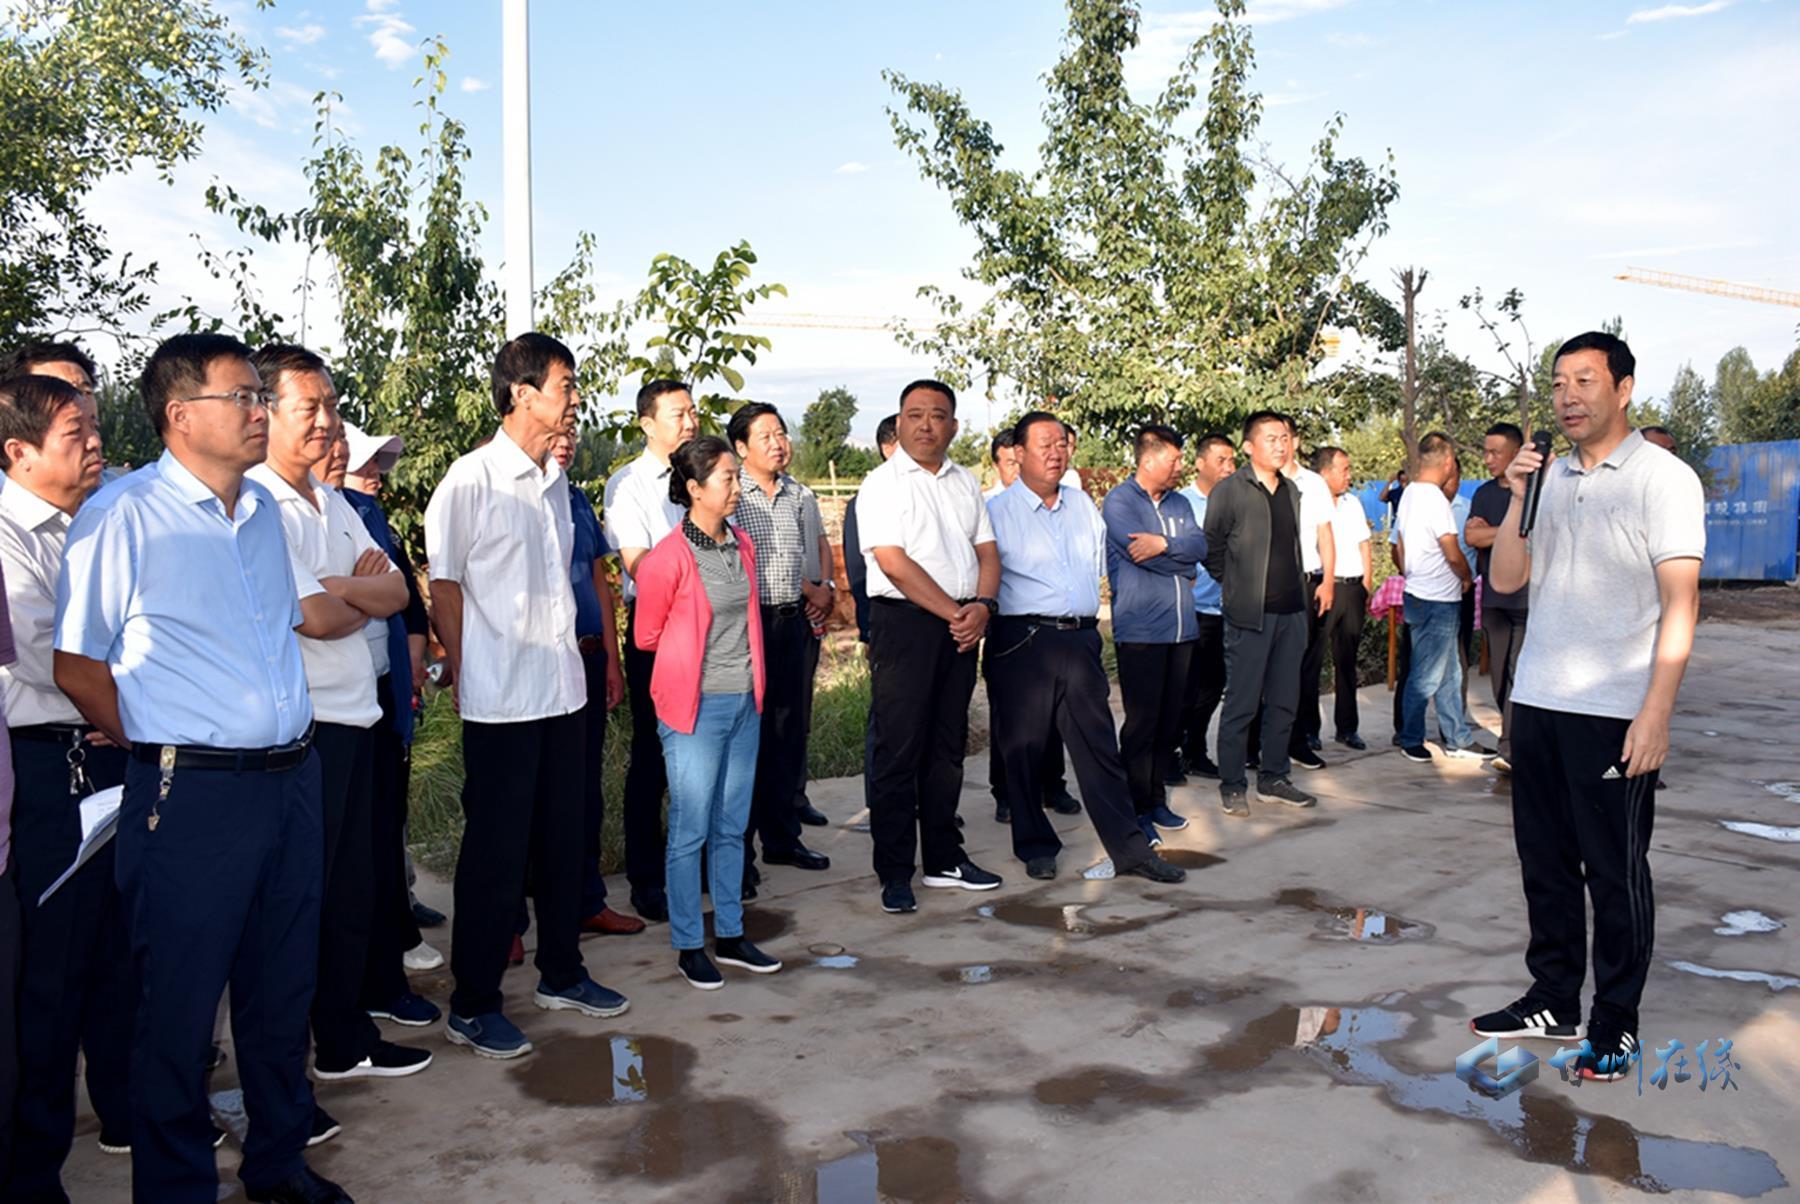 甘州区组织考察团赴临泽县考察学习